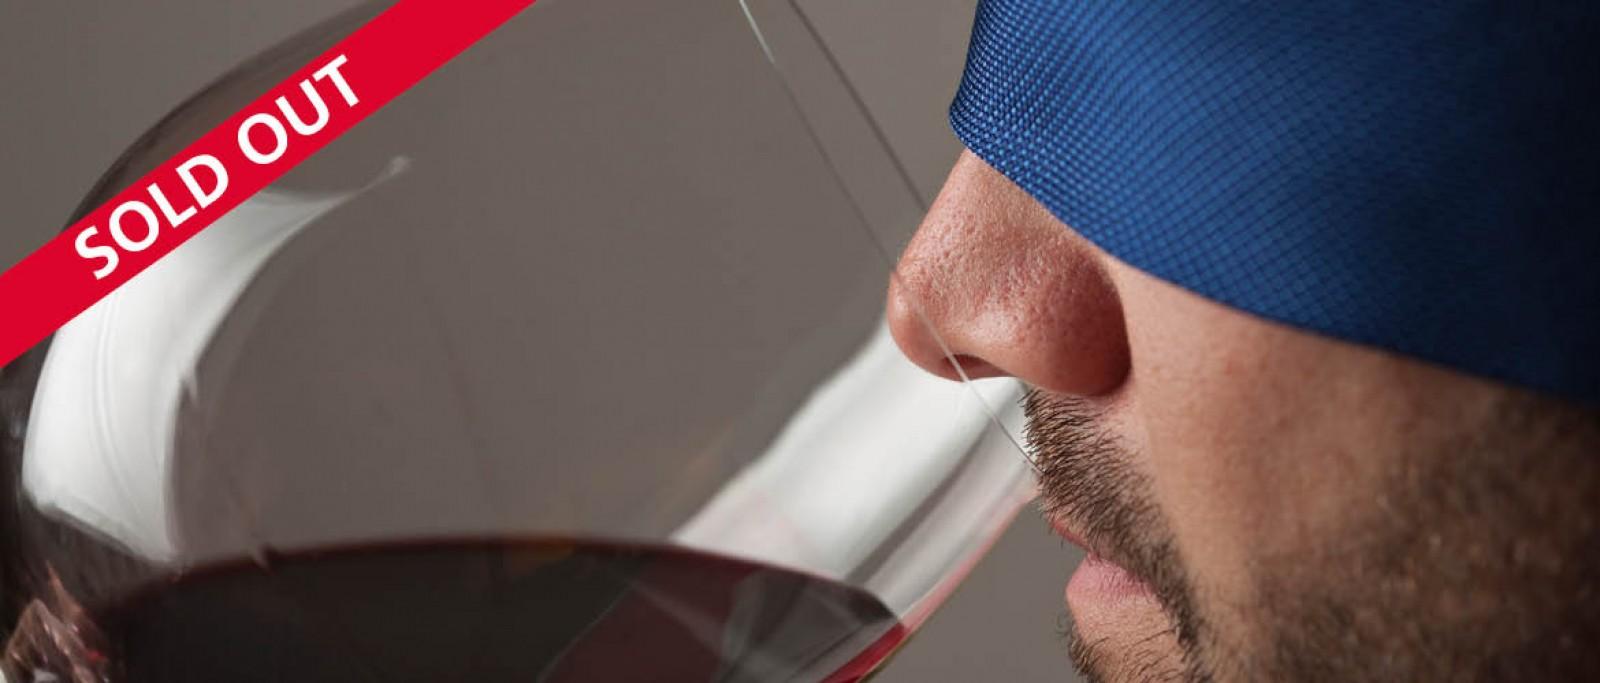 Taste & Toast : Advanced, Blind Tasting Games